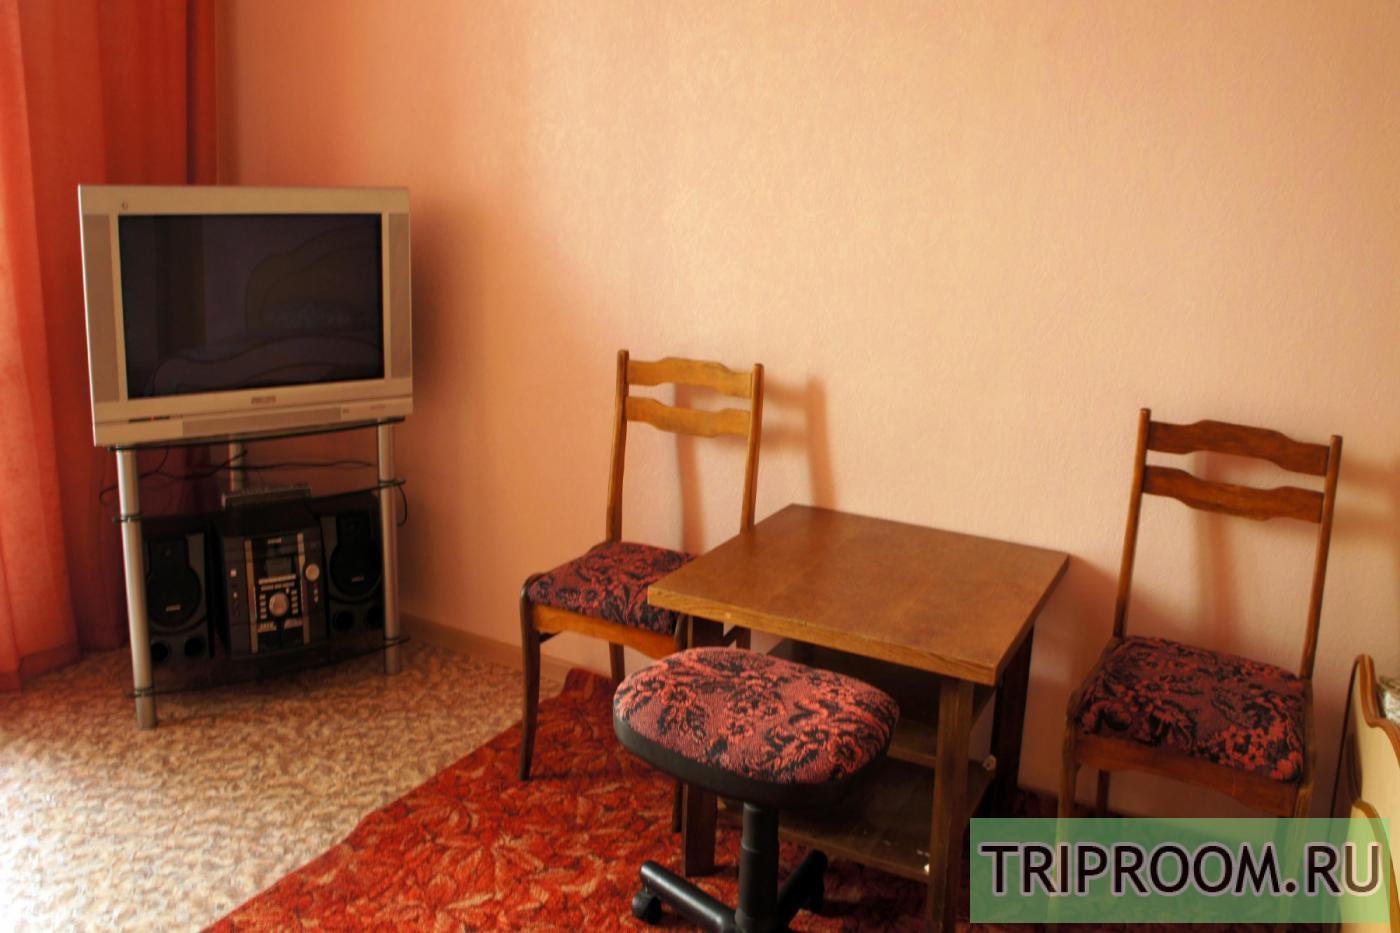 1-комнатная квартира посуточно (вариант № 23100), ул. Московская улица, фото № 4